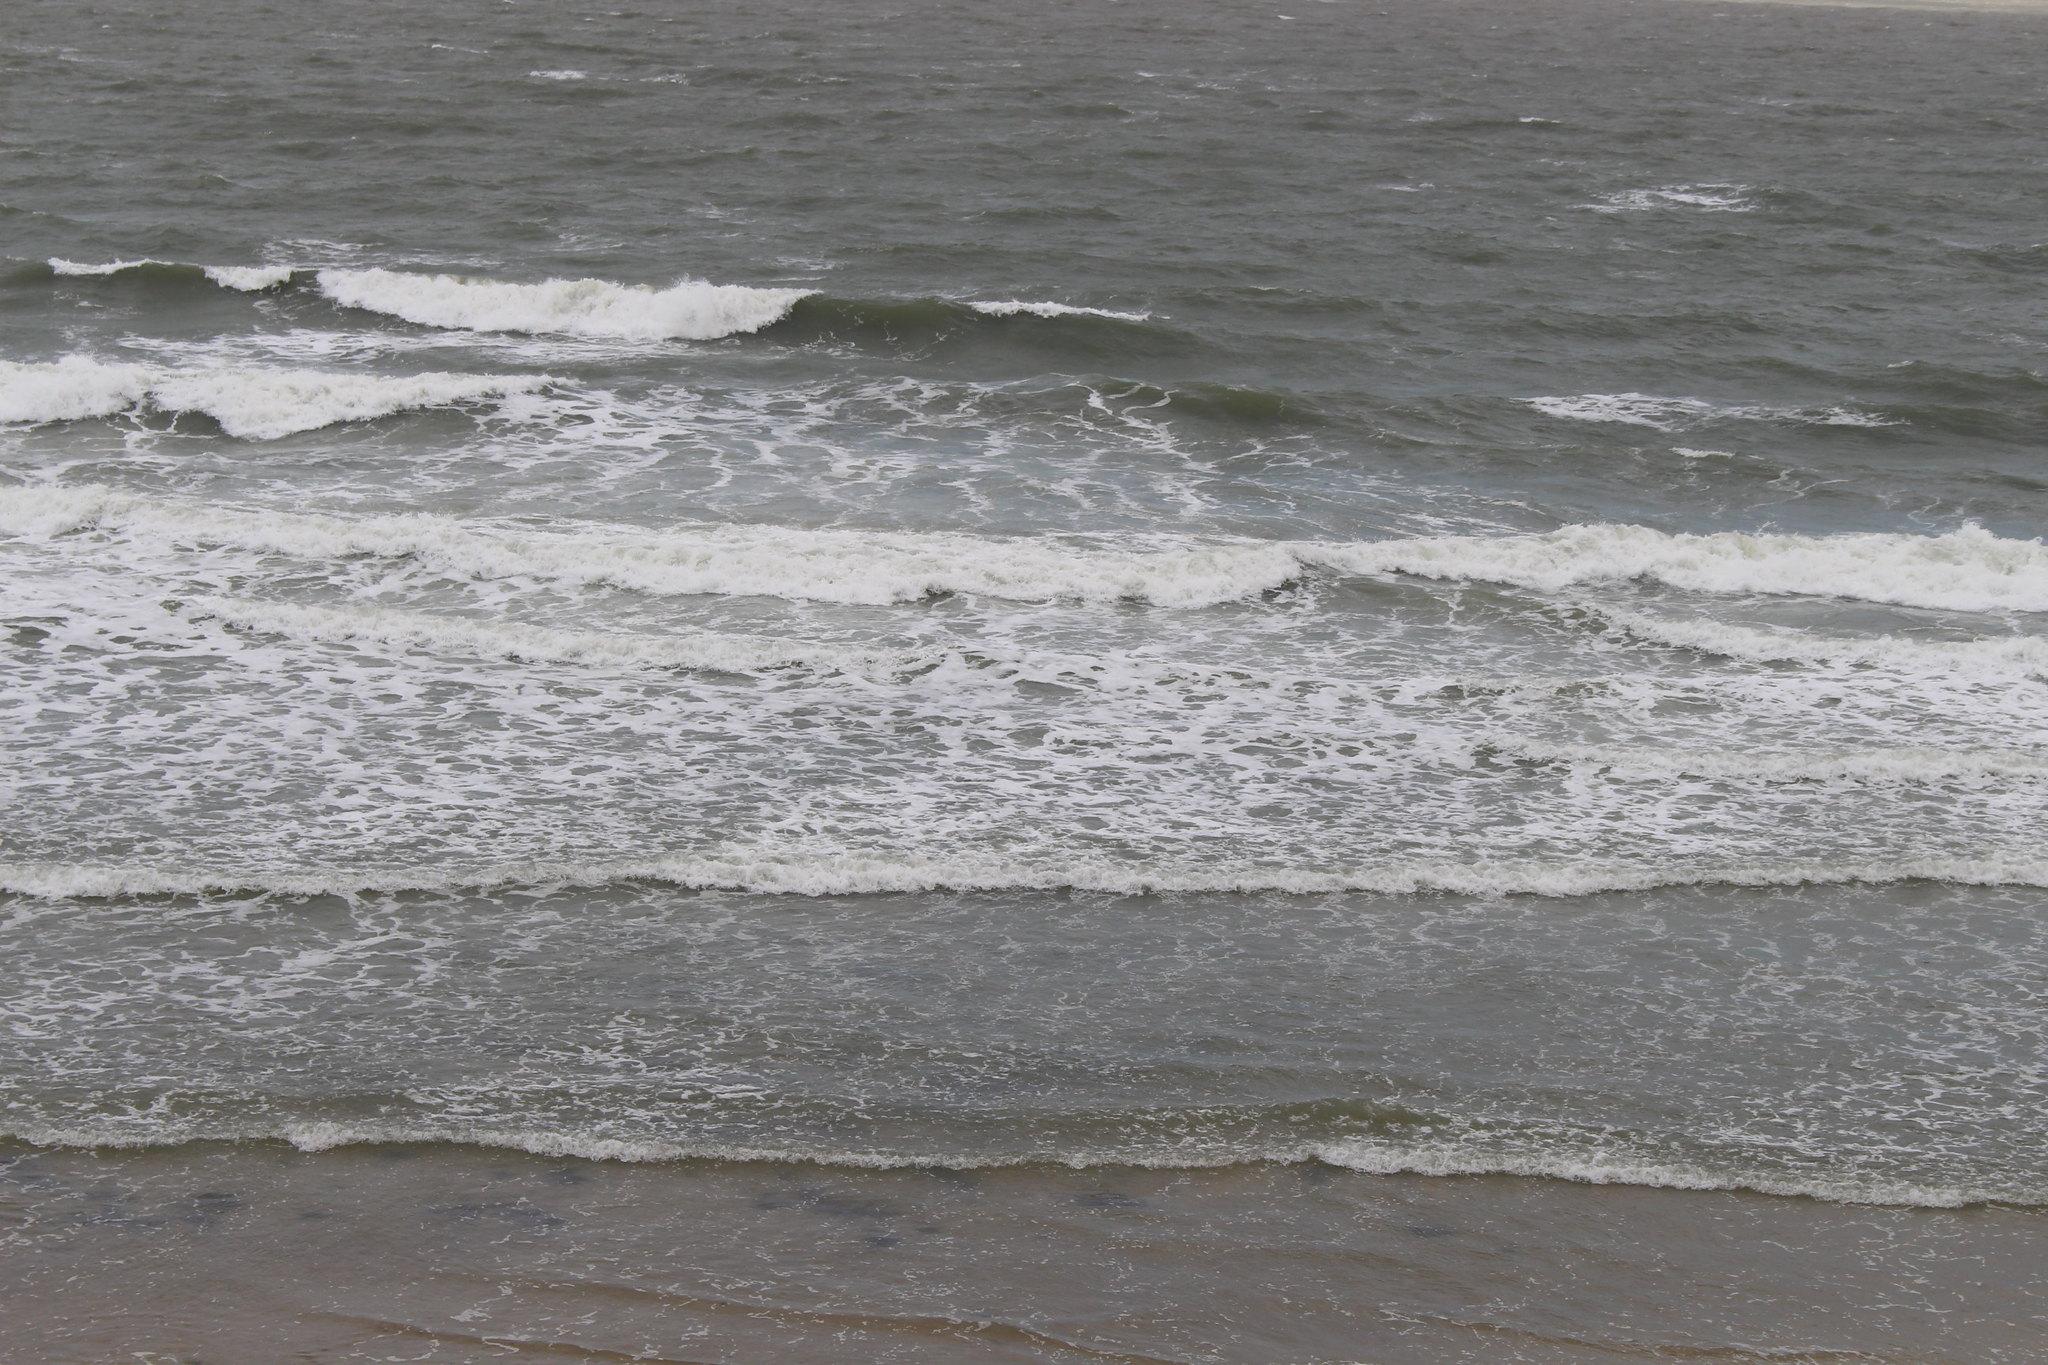 Inundações costeiras podem aumentar até 2030